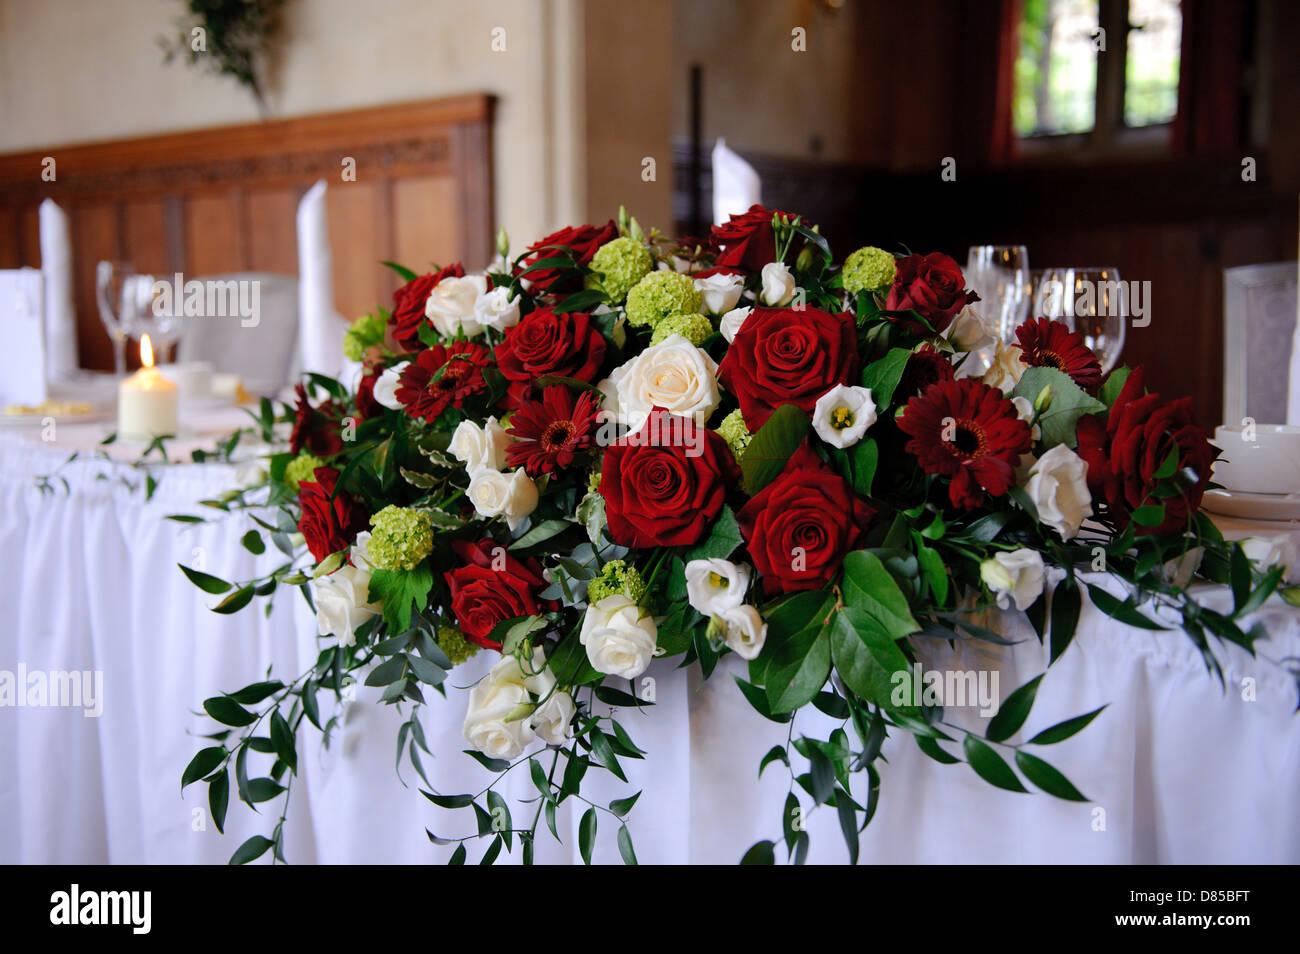 Rote Rosen Schmucken Kopftabelle Bei Einer Hochzeit Stockfoto Bild